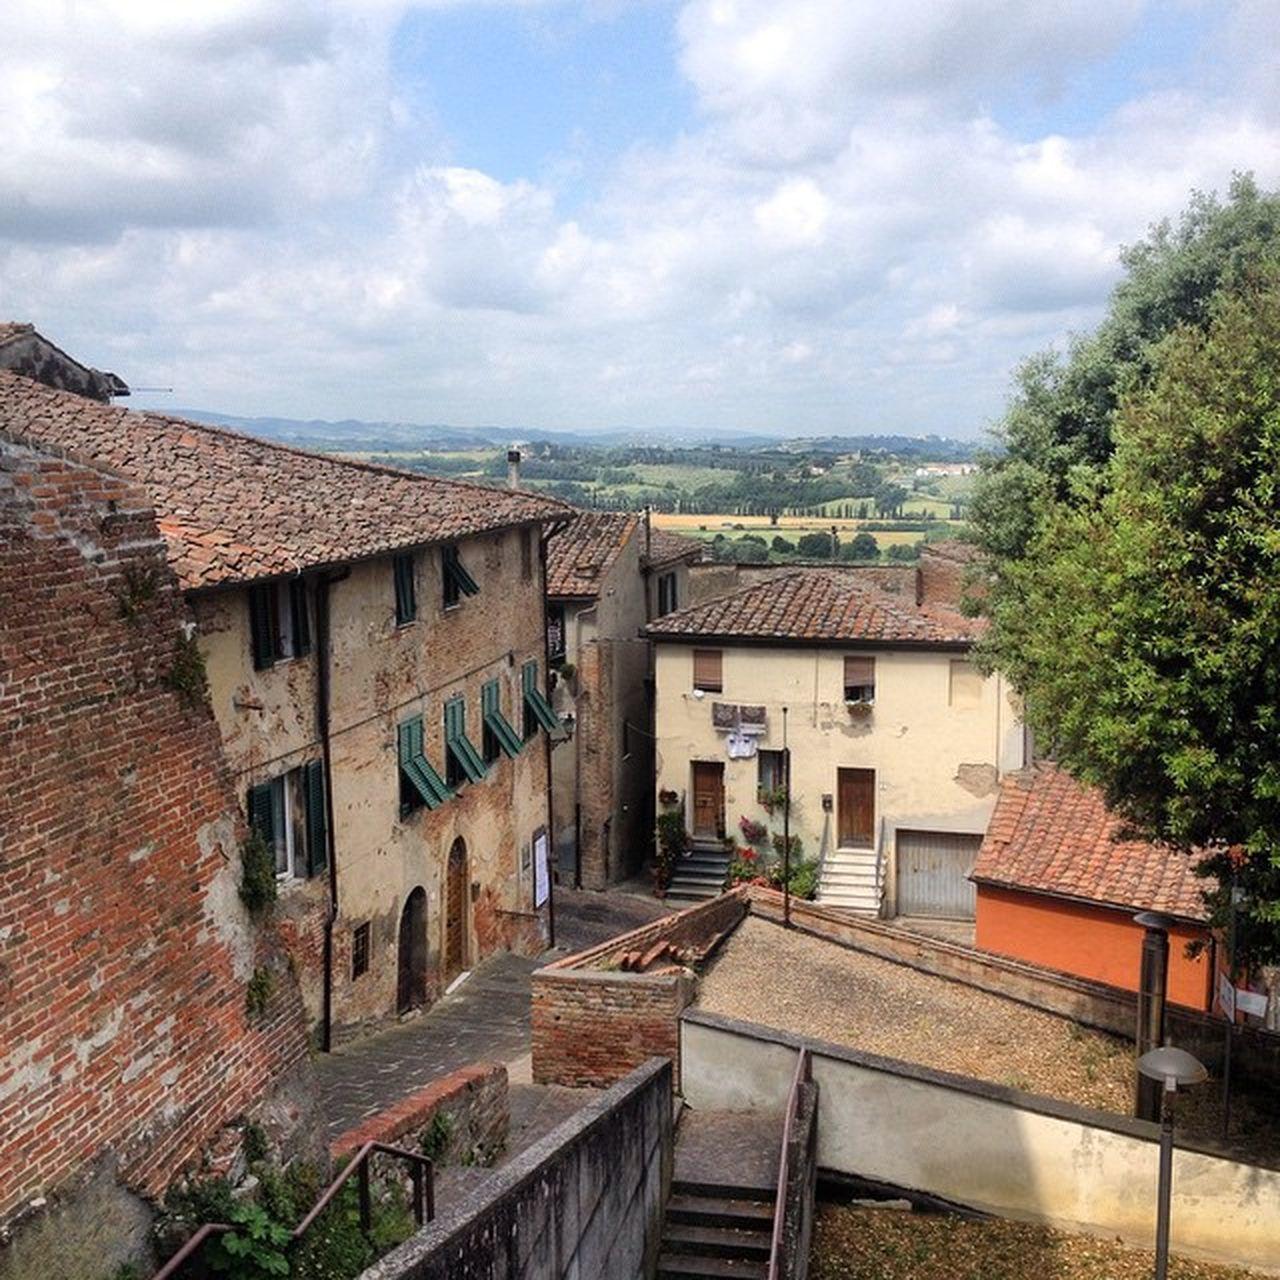 Pleasant day in Peccioli Igerspisa Ig_pisa igerstoscana ig_toscana vivopisa countrylife hills Pisa nofilter